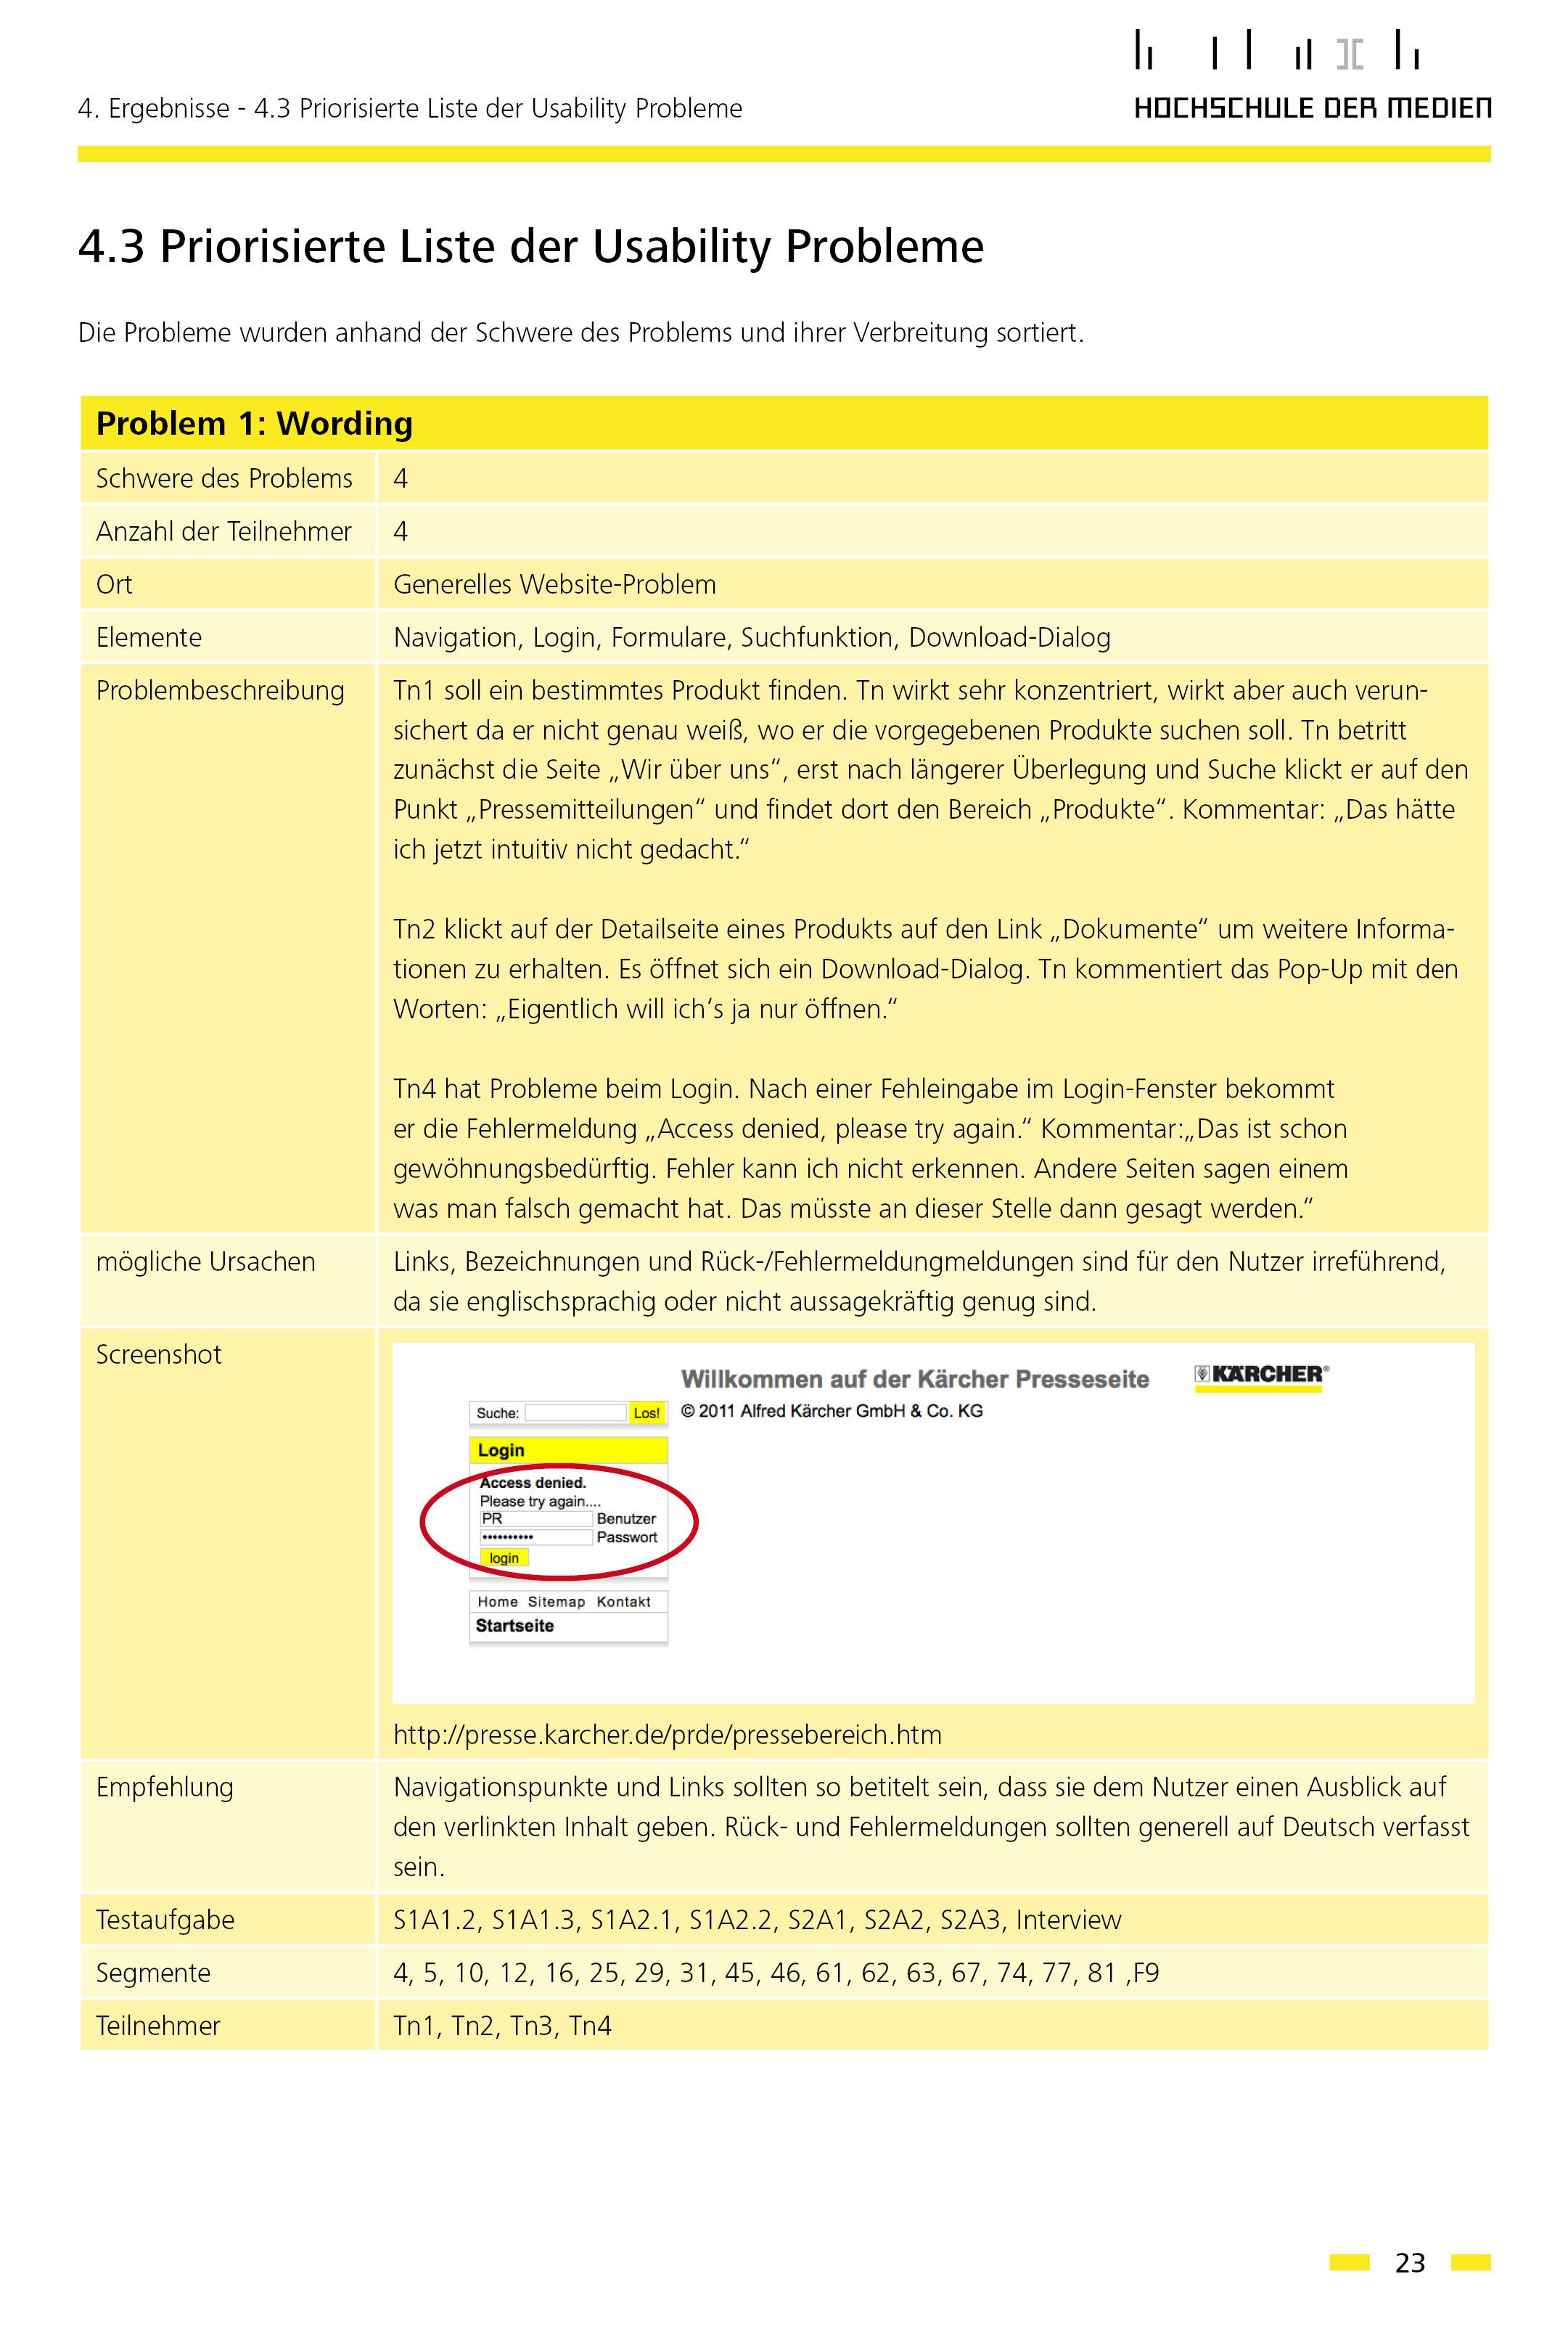 User Centered Design -  Kärcher